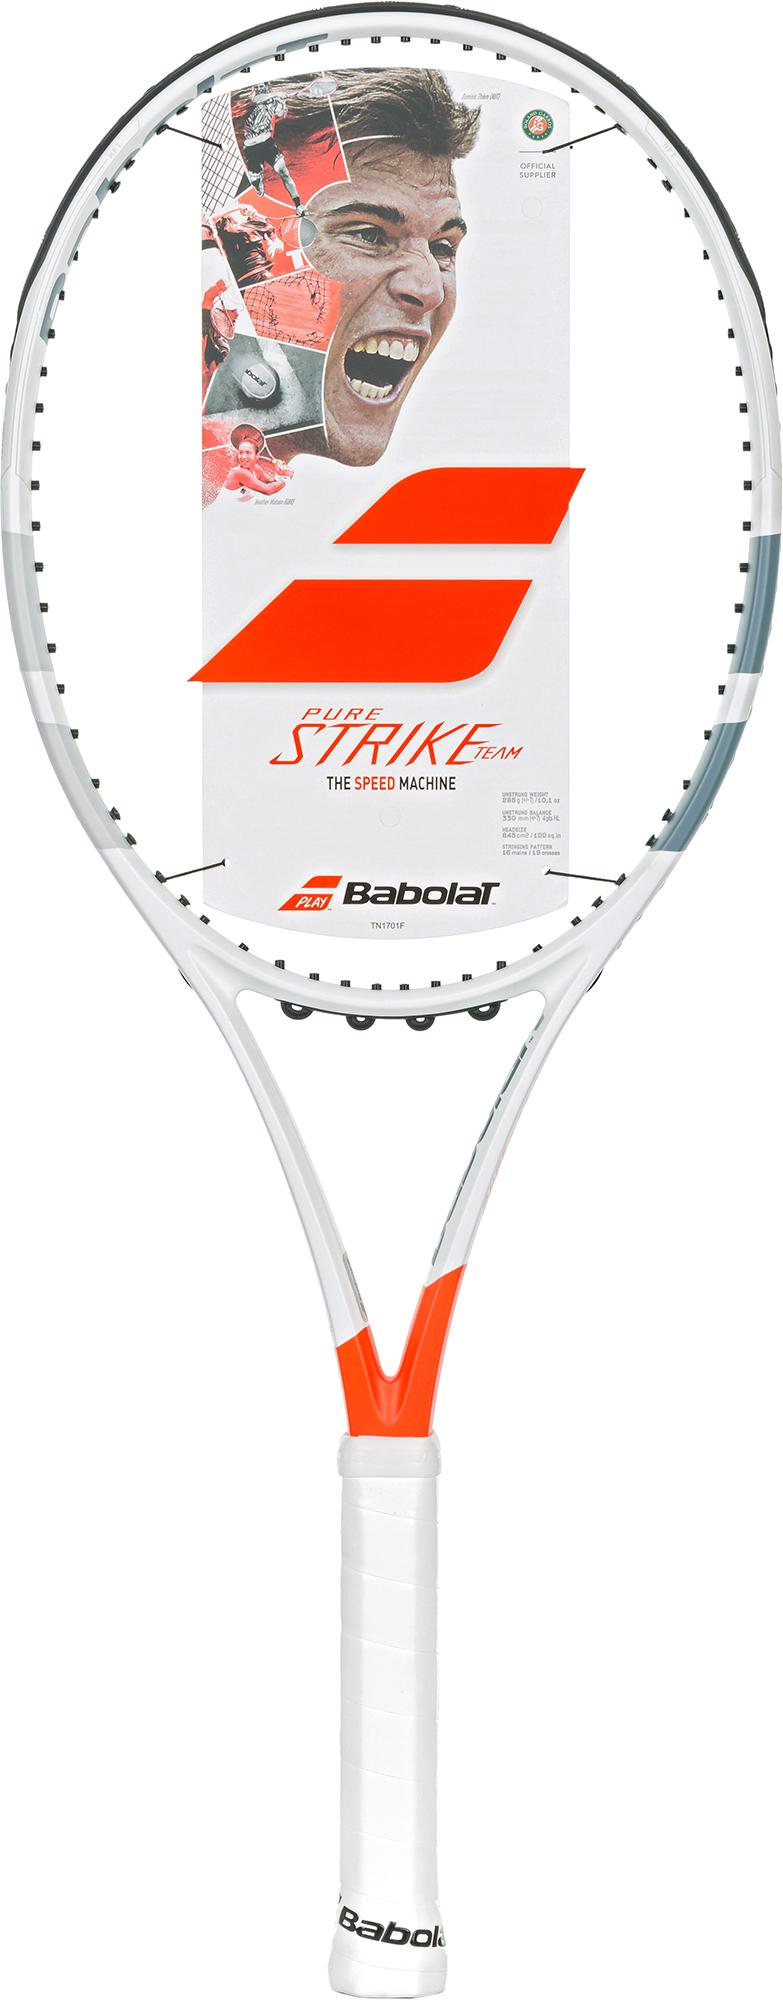 Babolat Ракетка для большого тенниса Babolat Pure Strike Team Unstrung теннисный инвентарь babolat tonic string